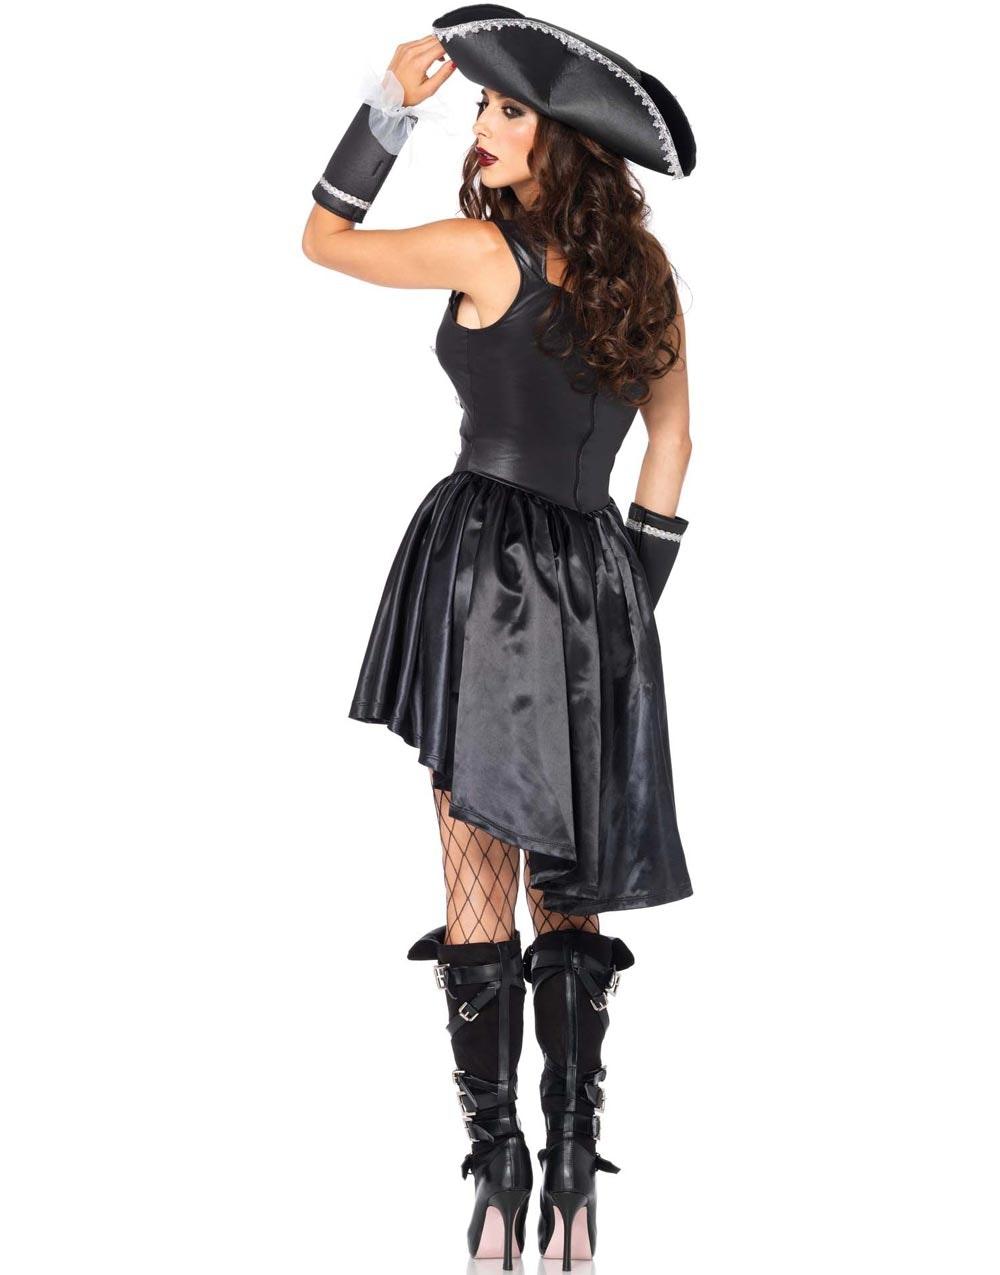 kostymer voksne nettbutikk datesider norge